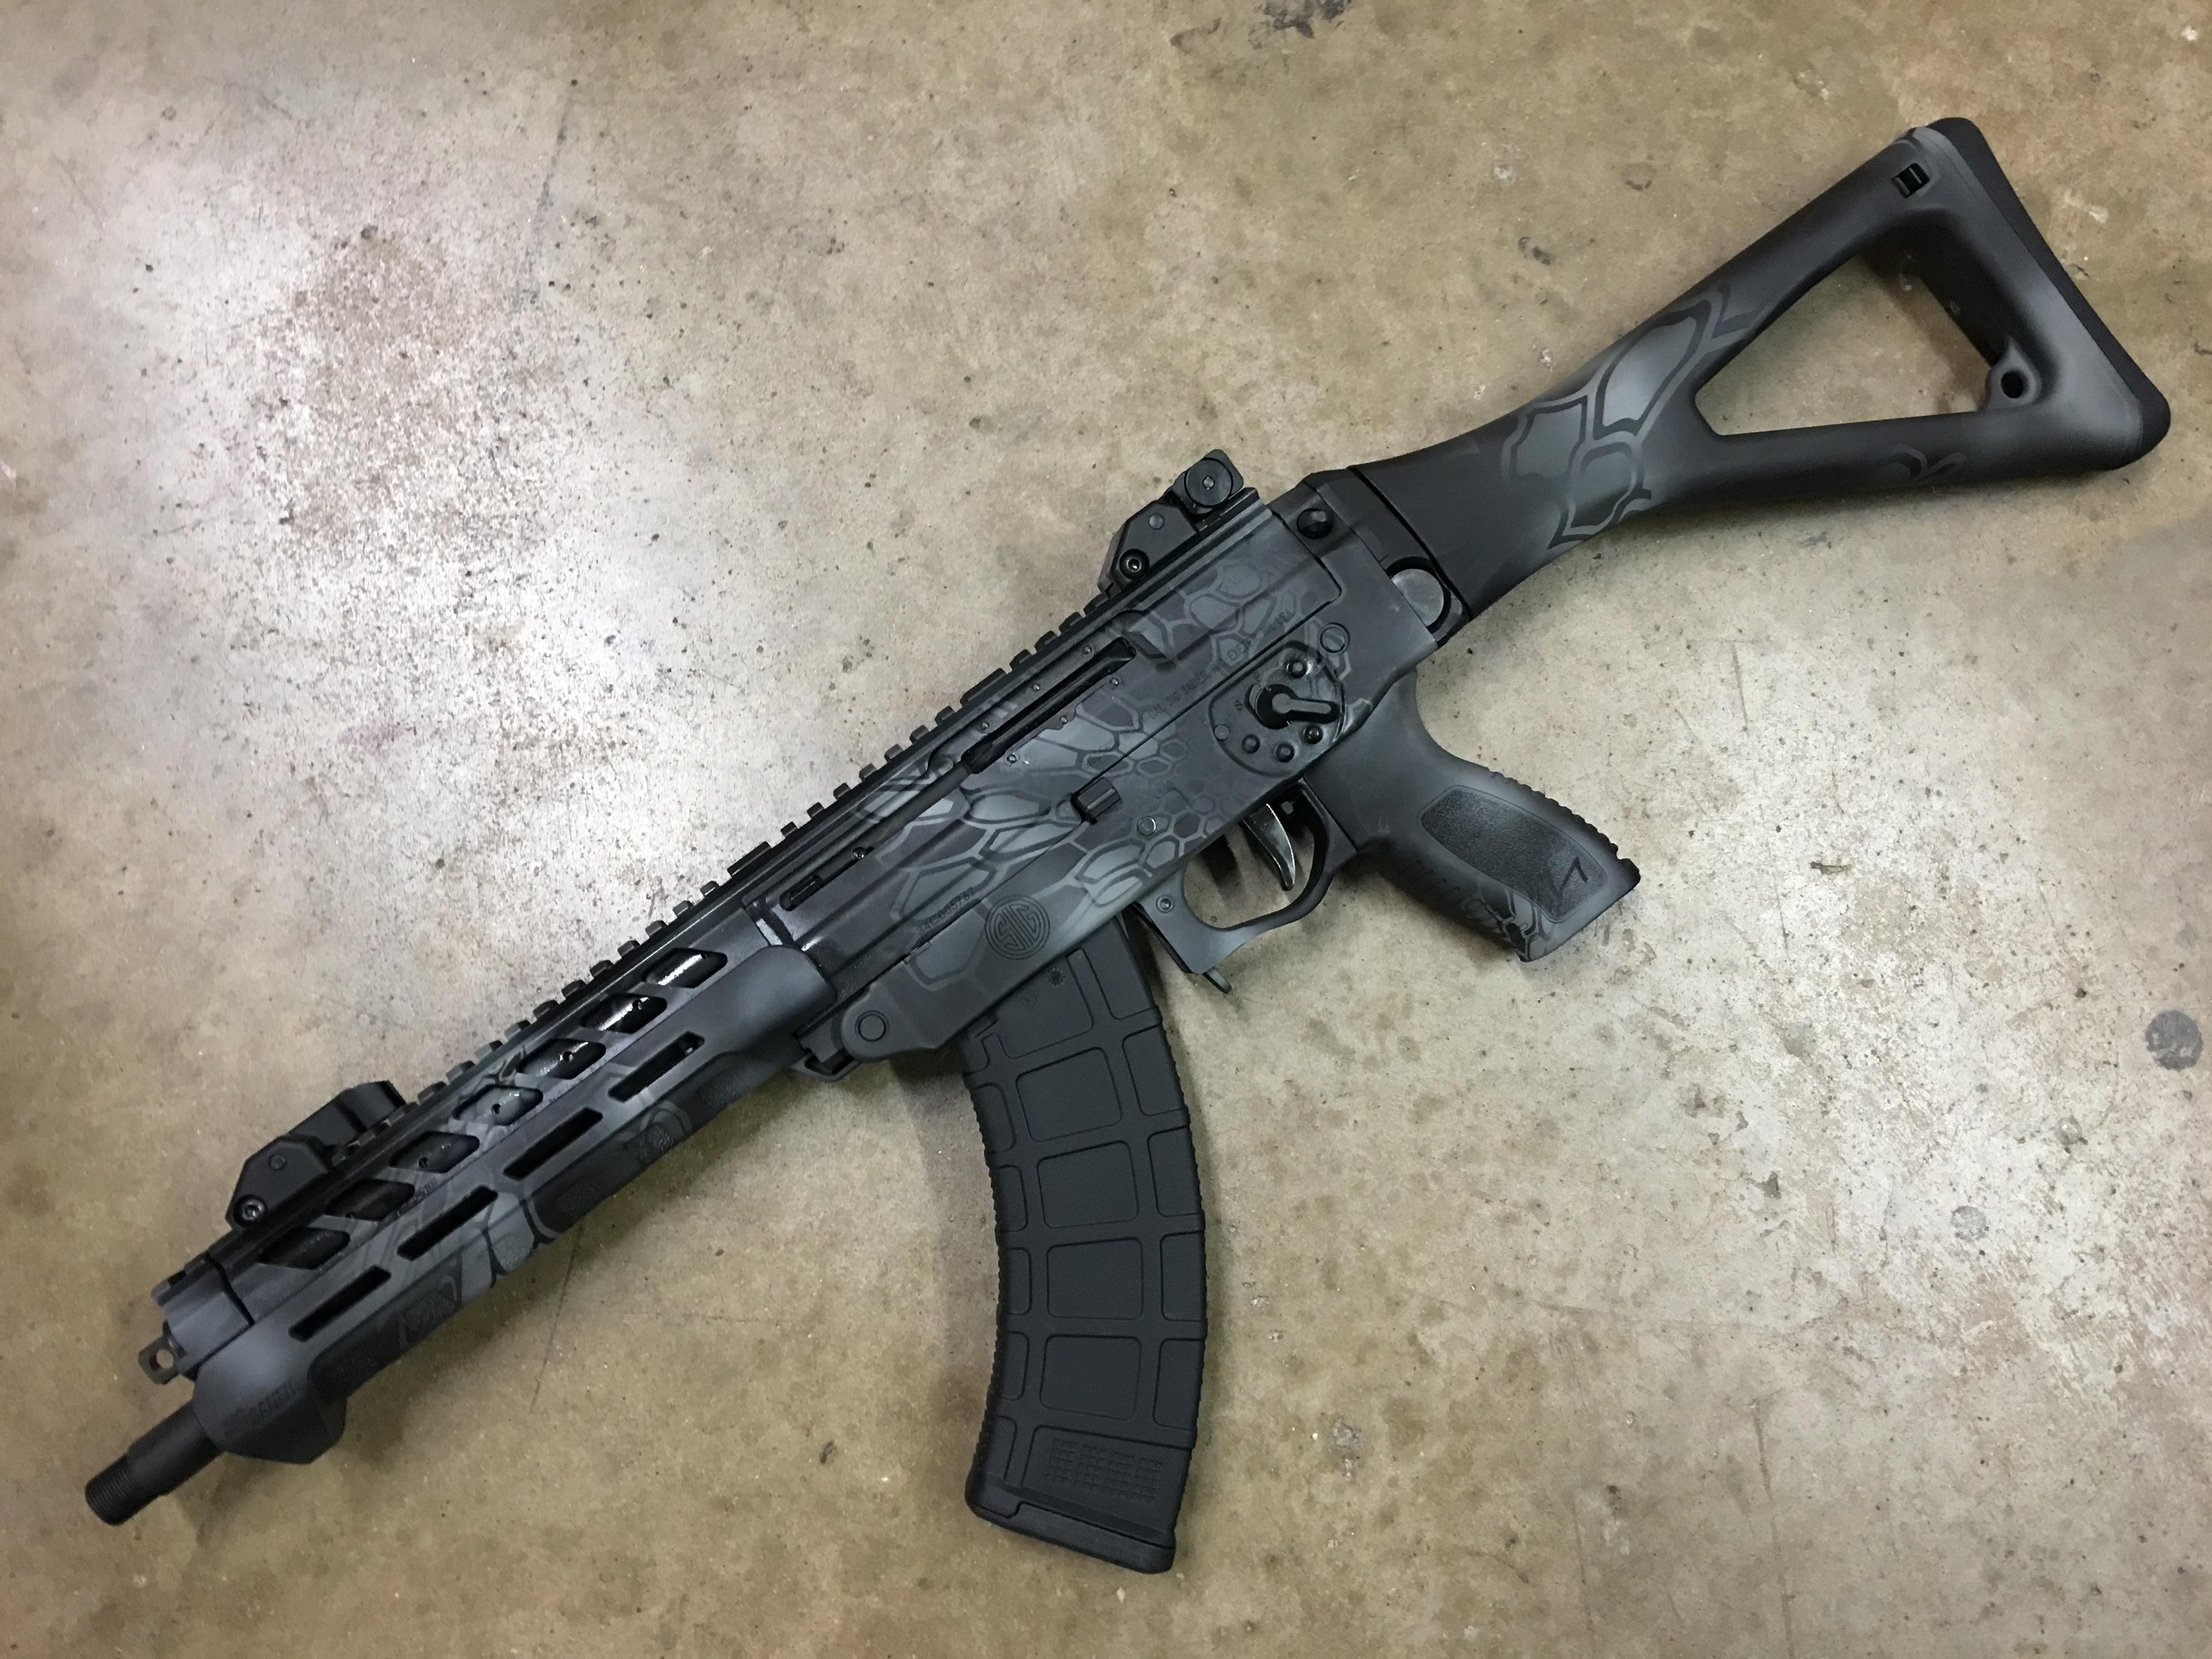 Red Beard Gunworks | Retail Sales, Cerakote, Machining